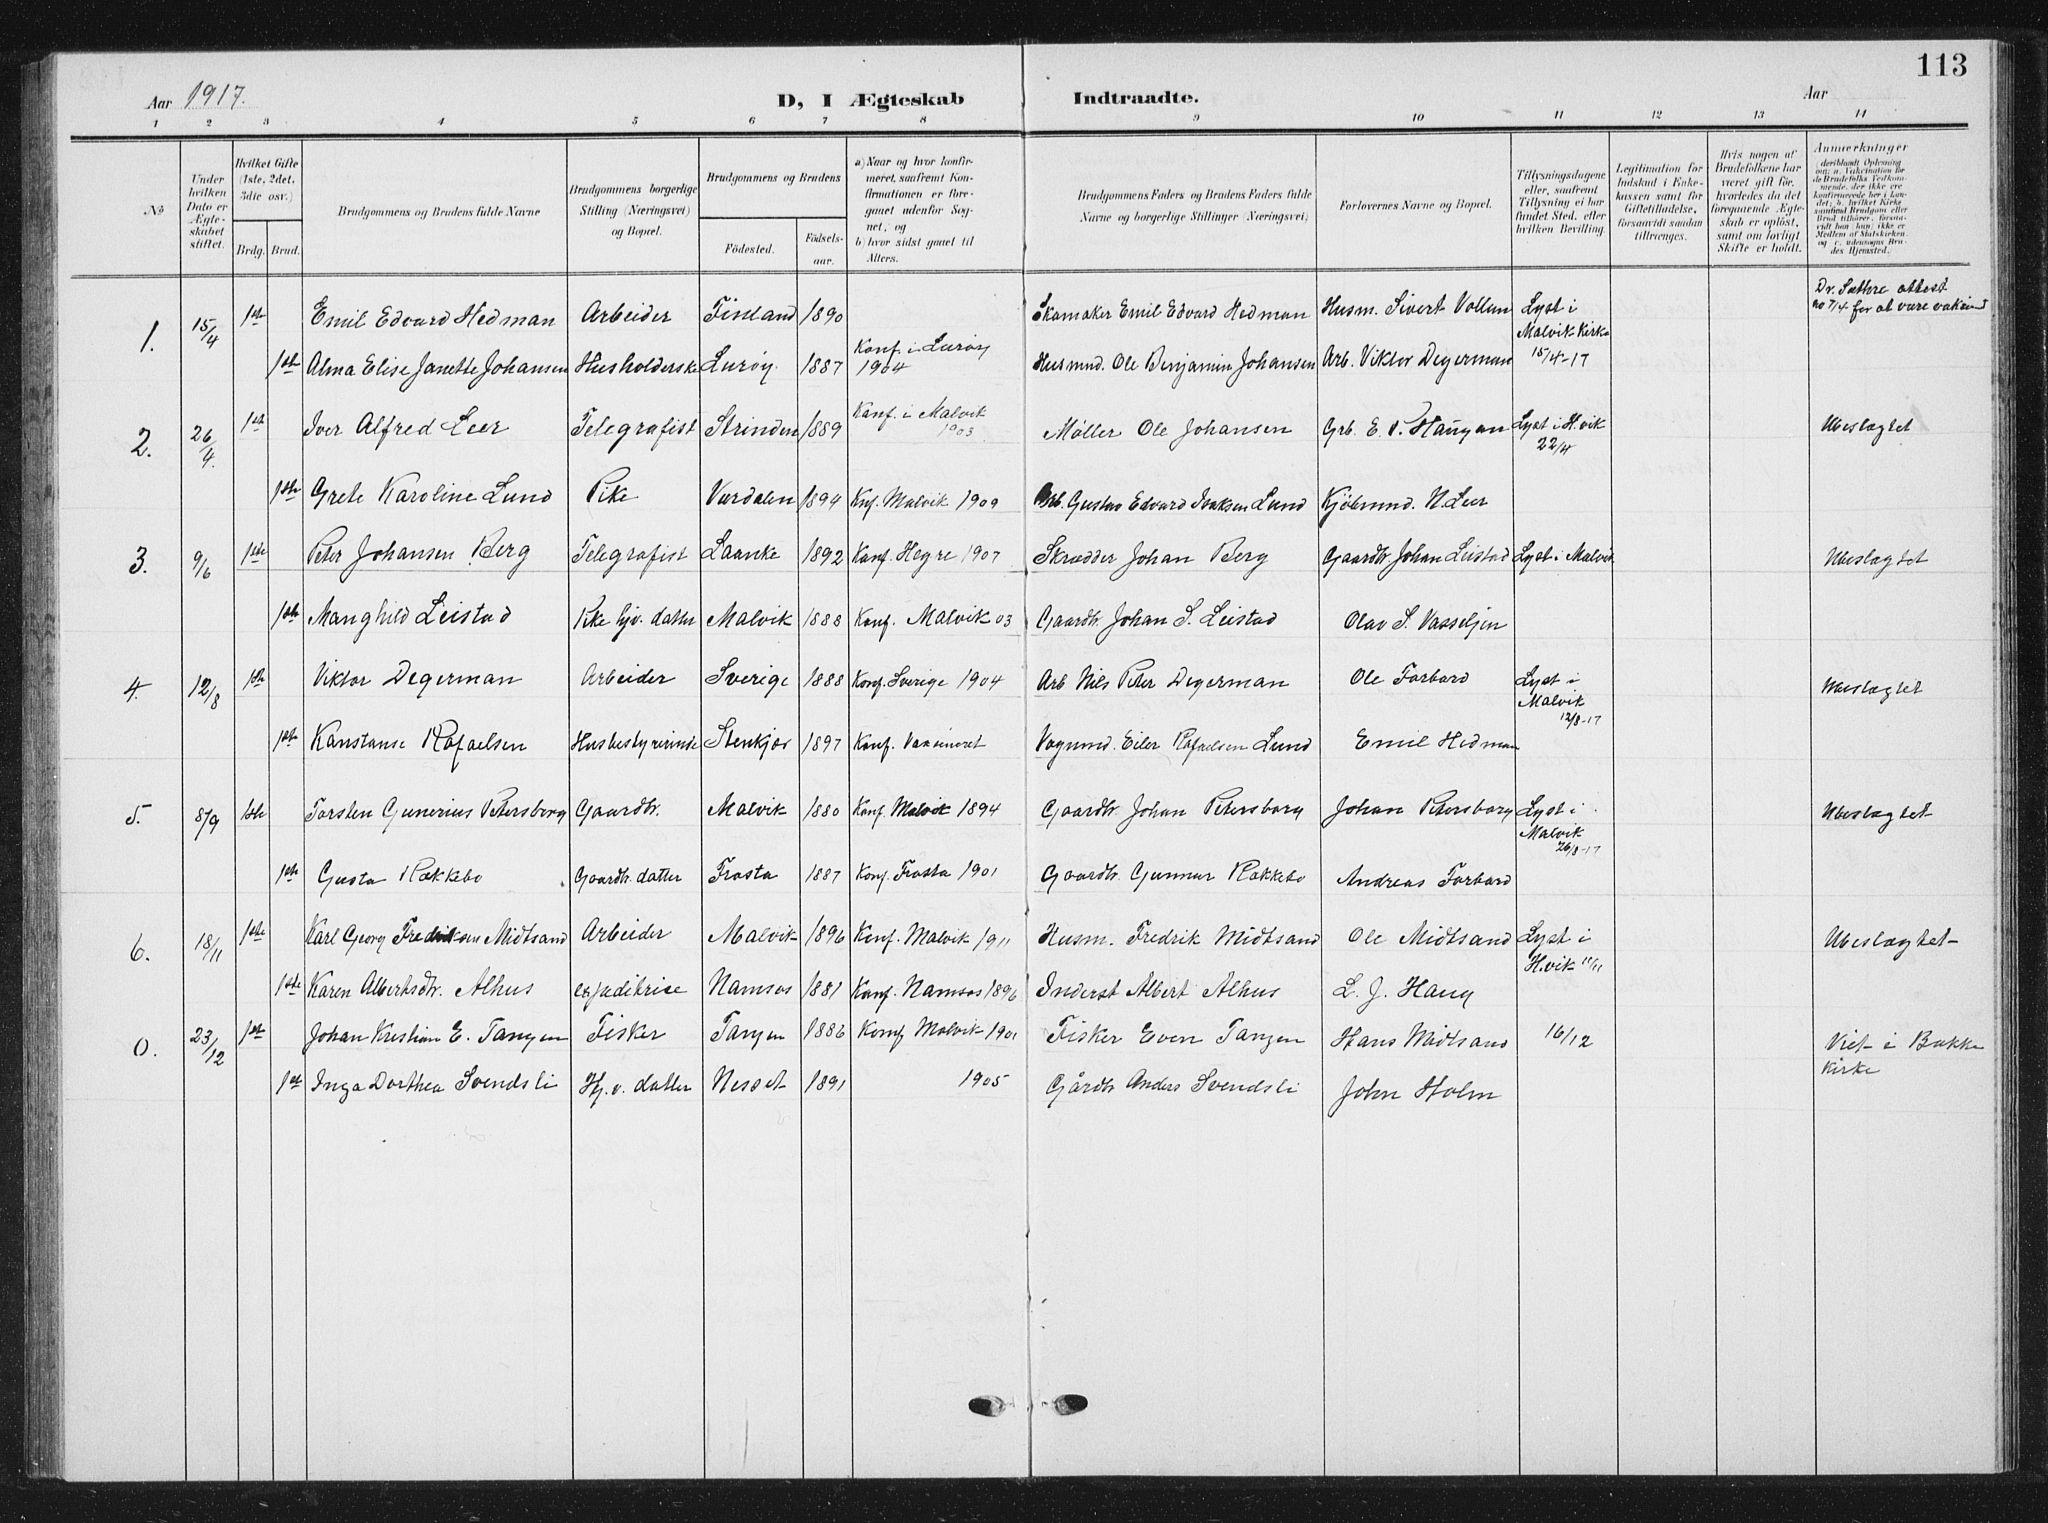 SAT, Ministerialprotokoller, klokkerbøker og fødselsregistre - Sør-Trøndelag, 616/L0424: Klokkerbok nr. 616C07, 1904-1940, s. 113